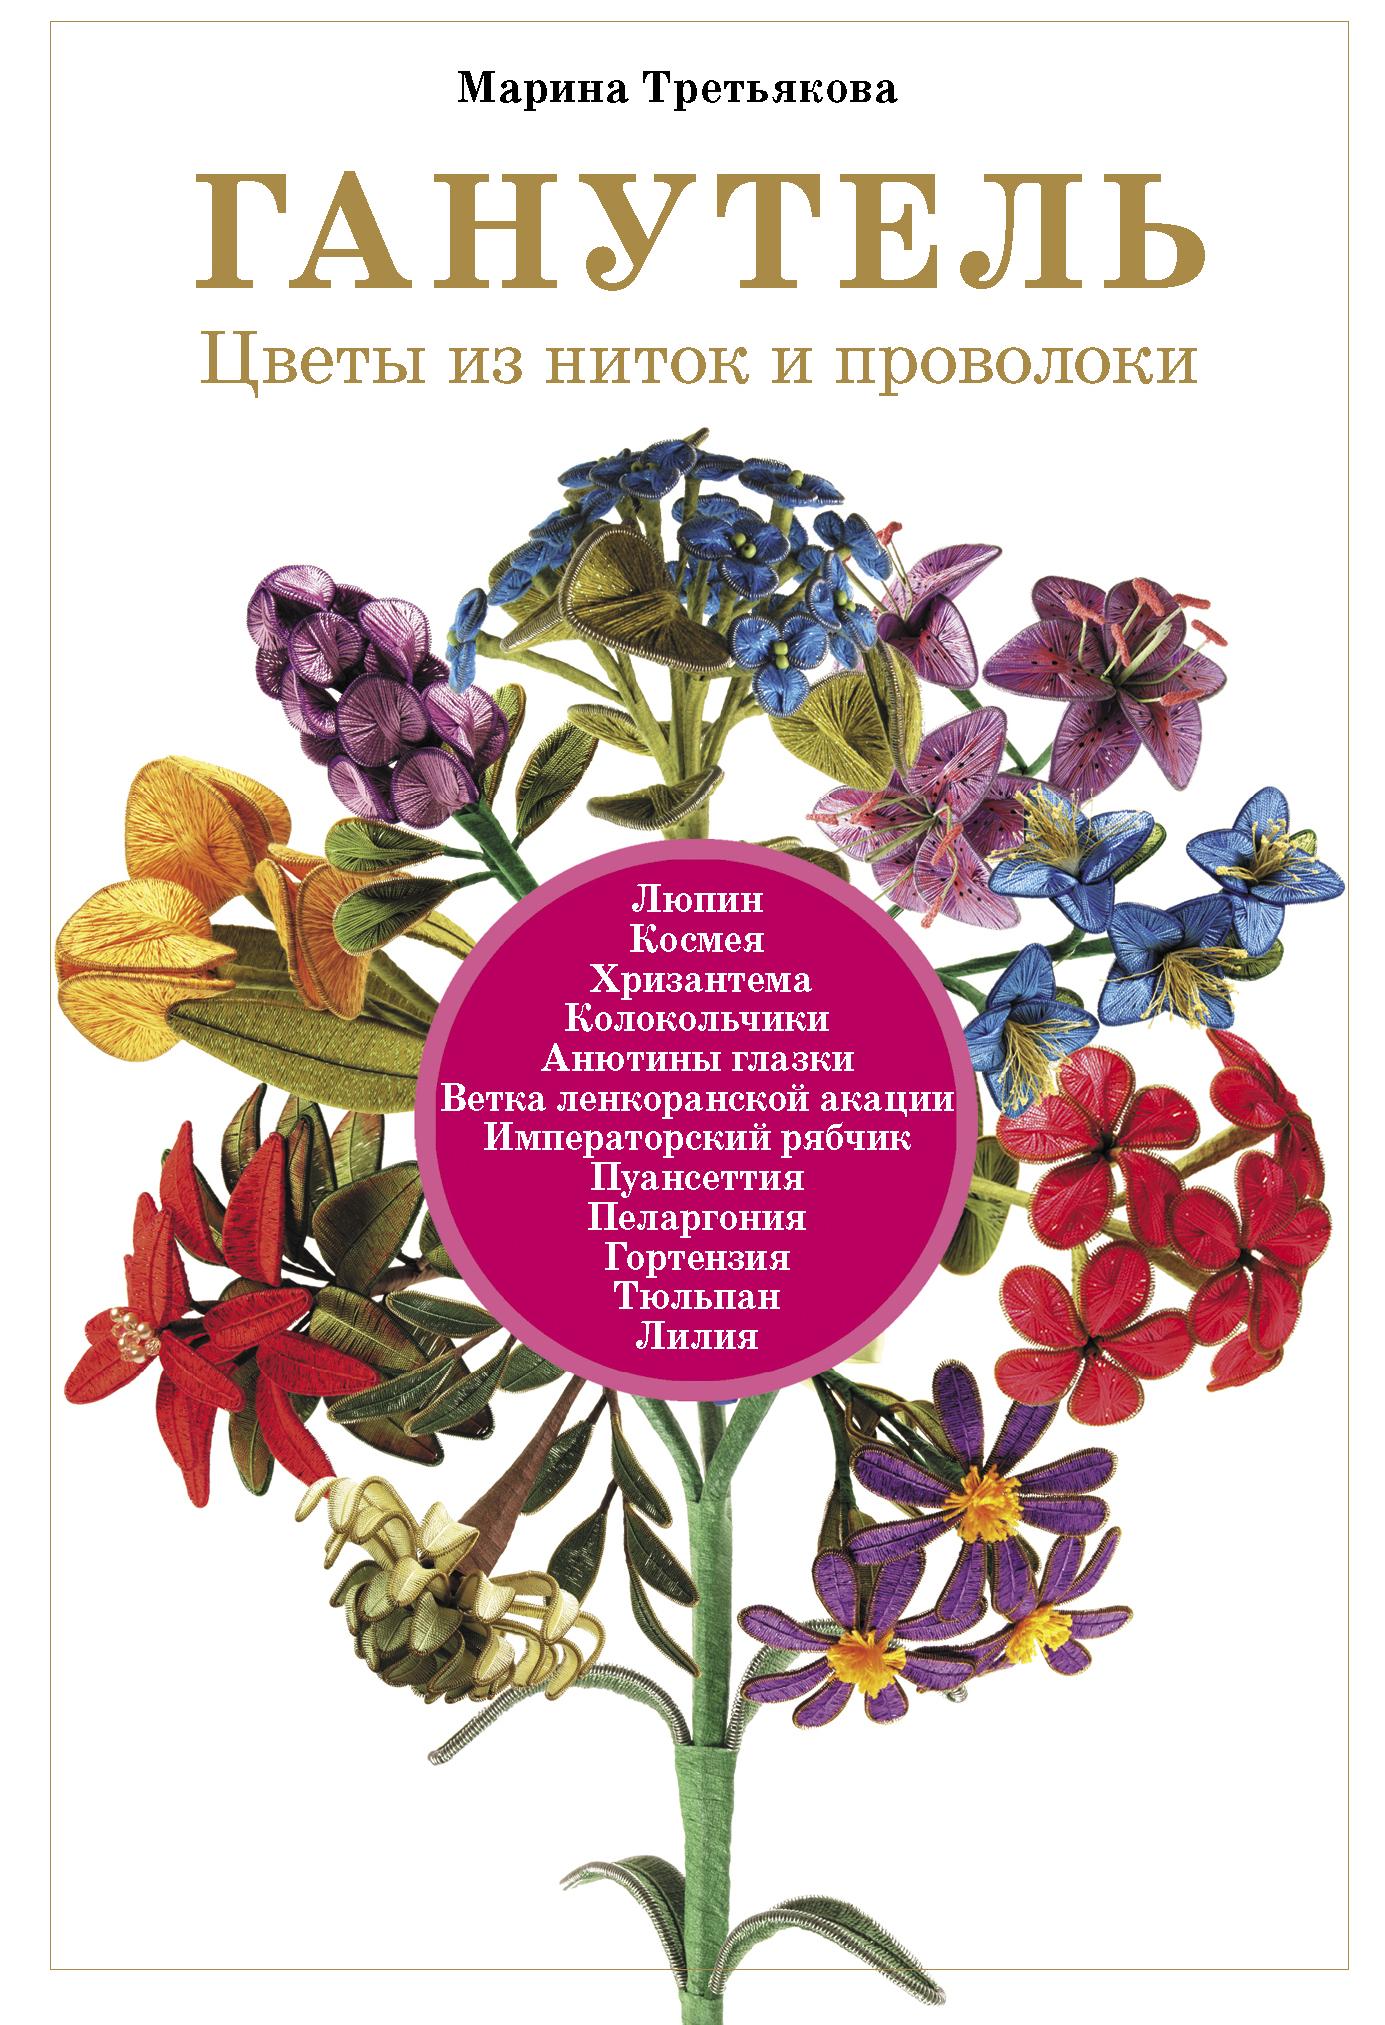 Ганутель. Цветы из ниток и проволоки